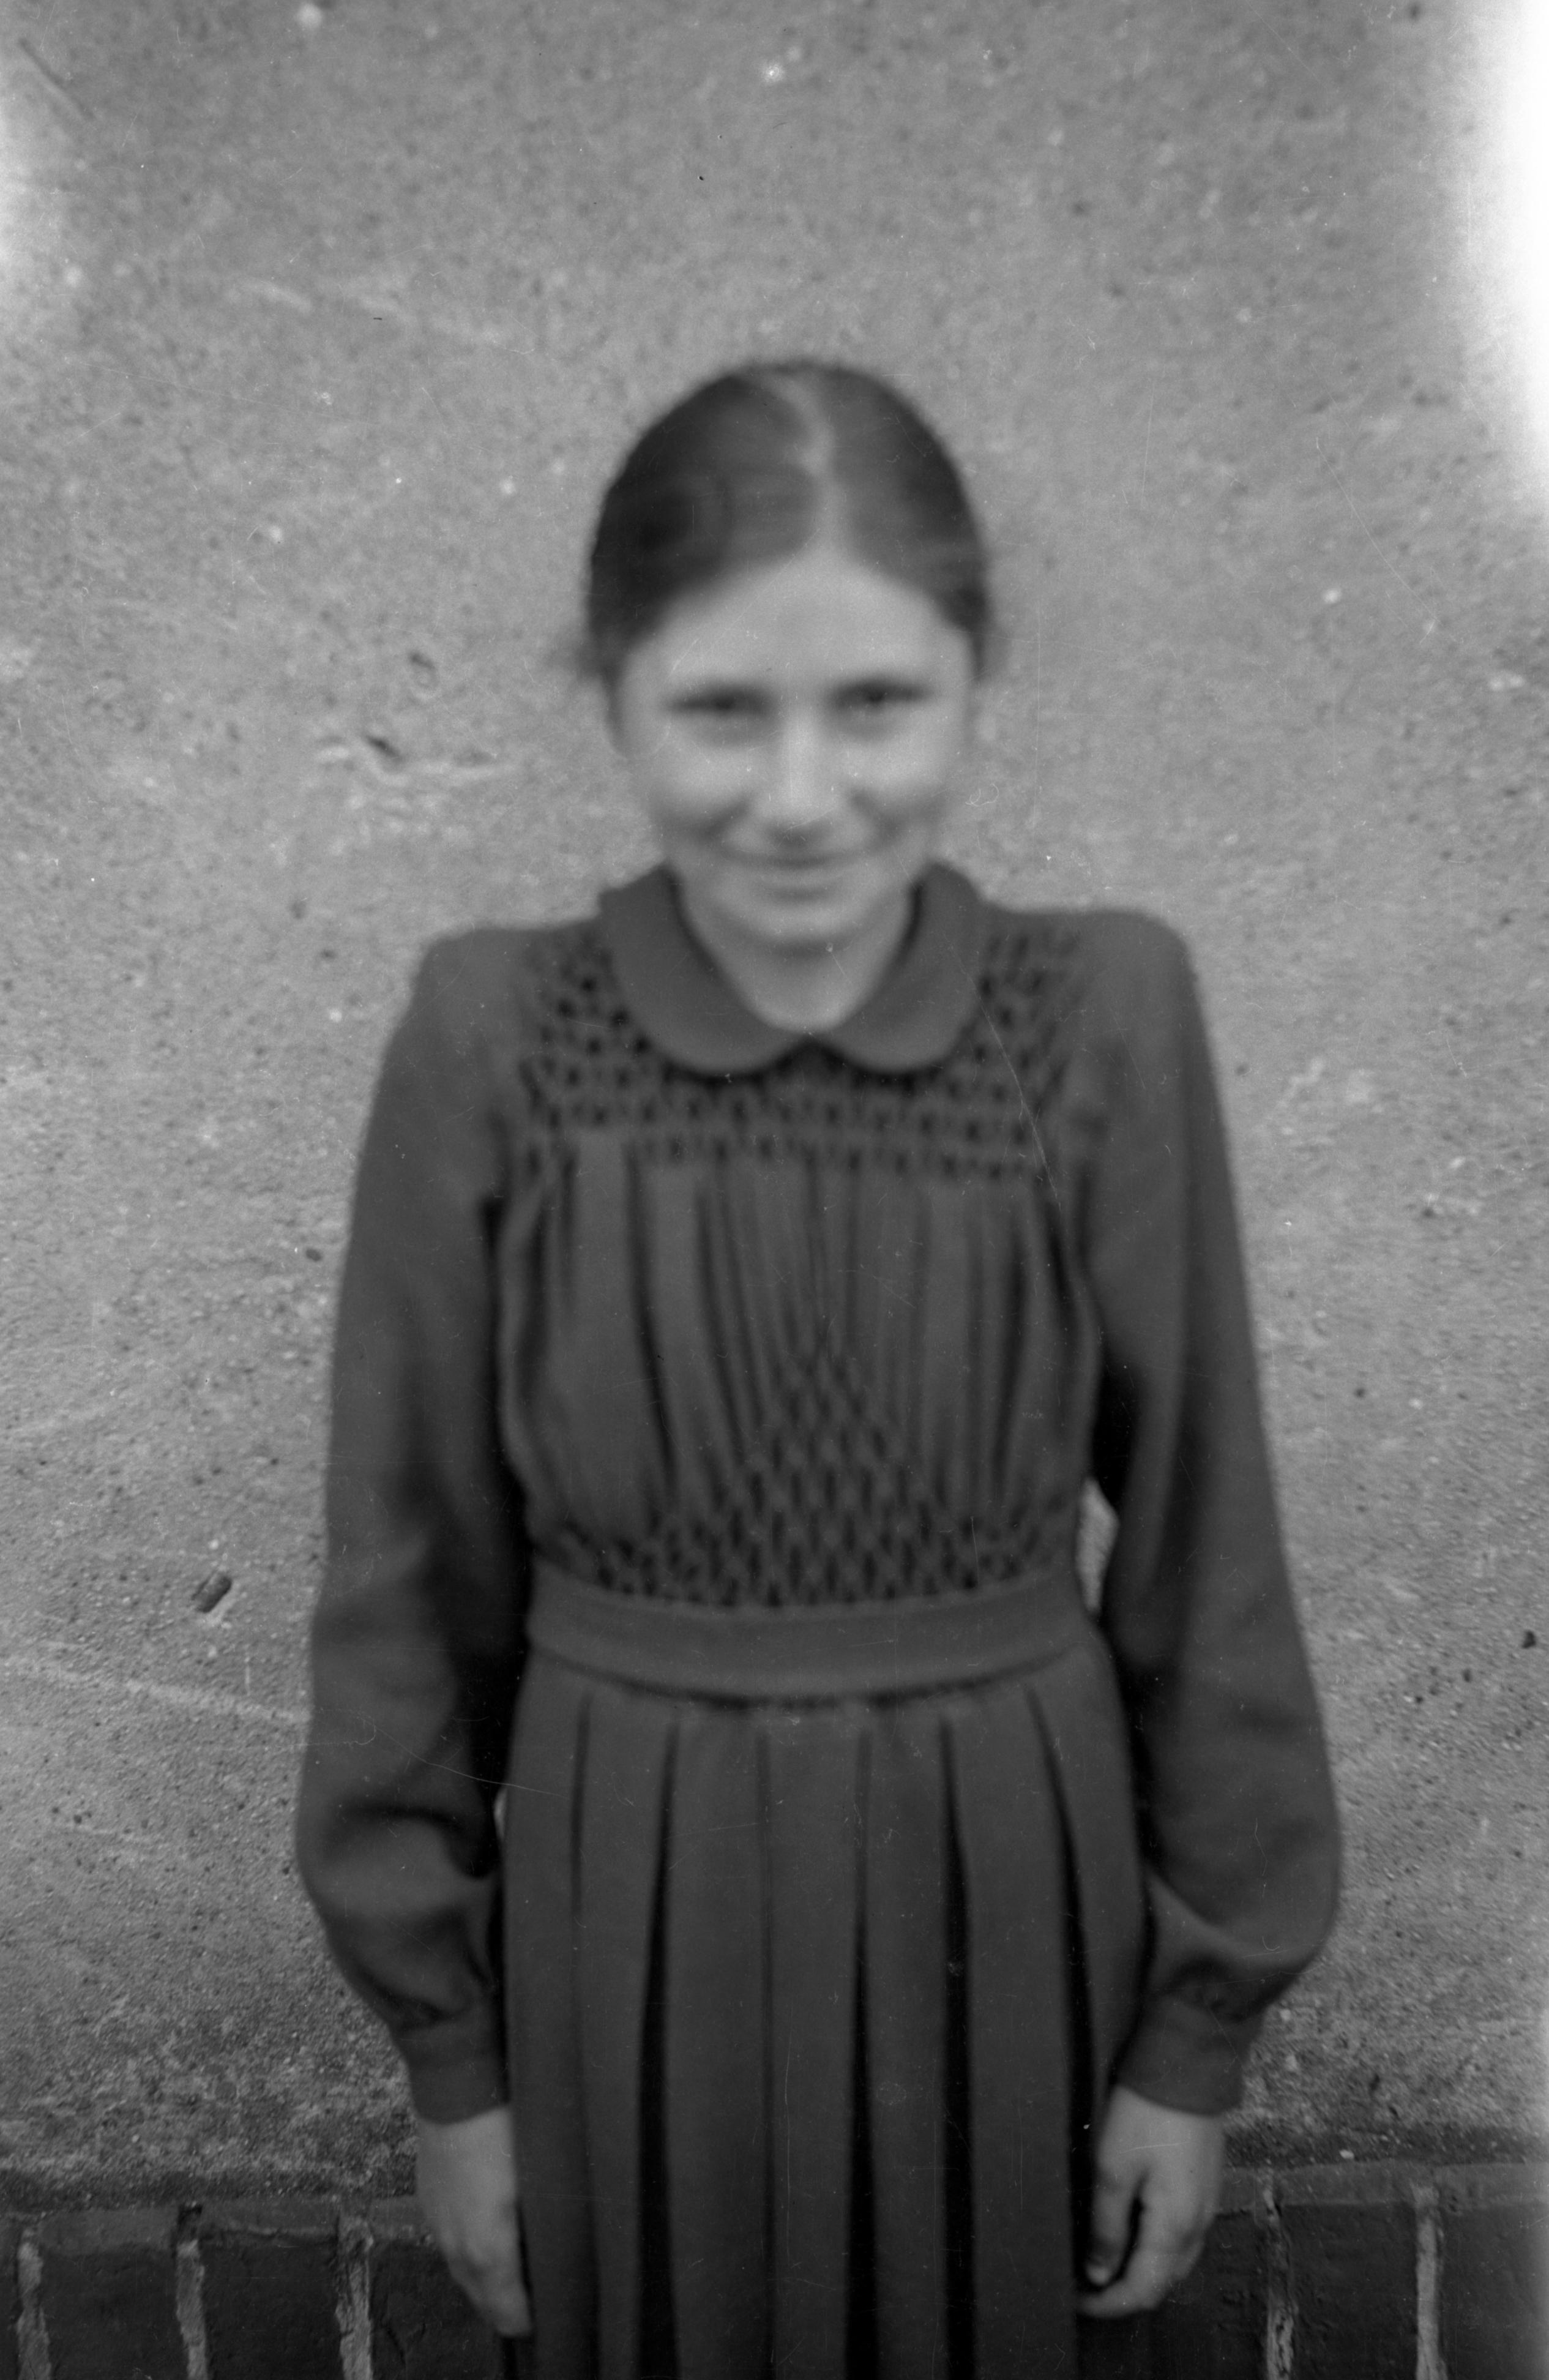 Zdjęcie uśmiechniętej dziewczynki, Dolny Śląsk, 2. poł. XX w.